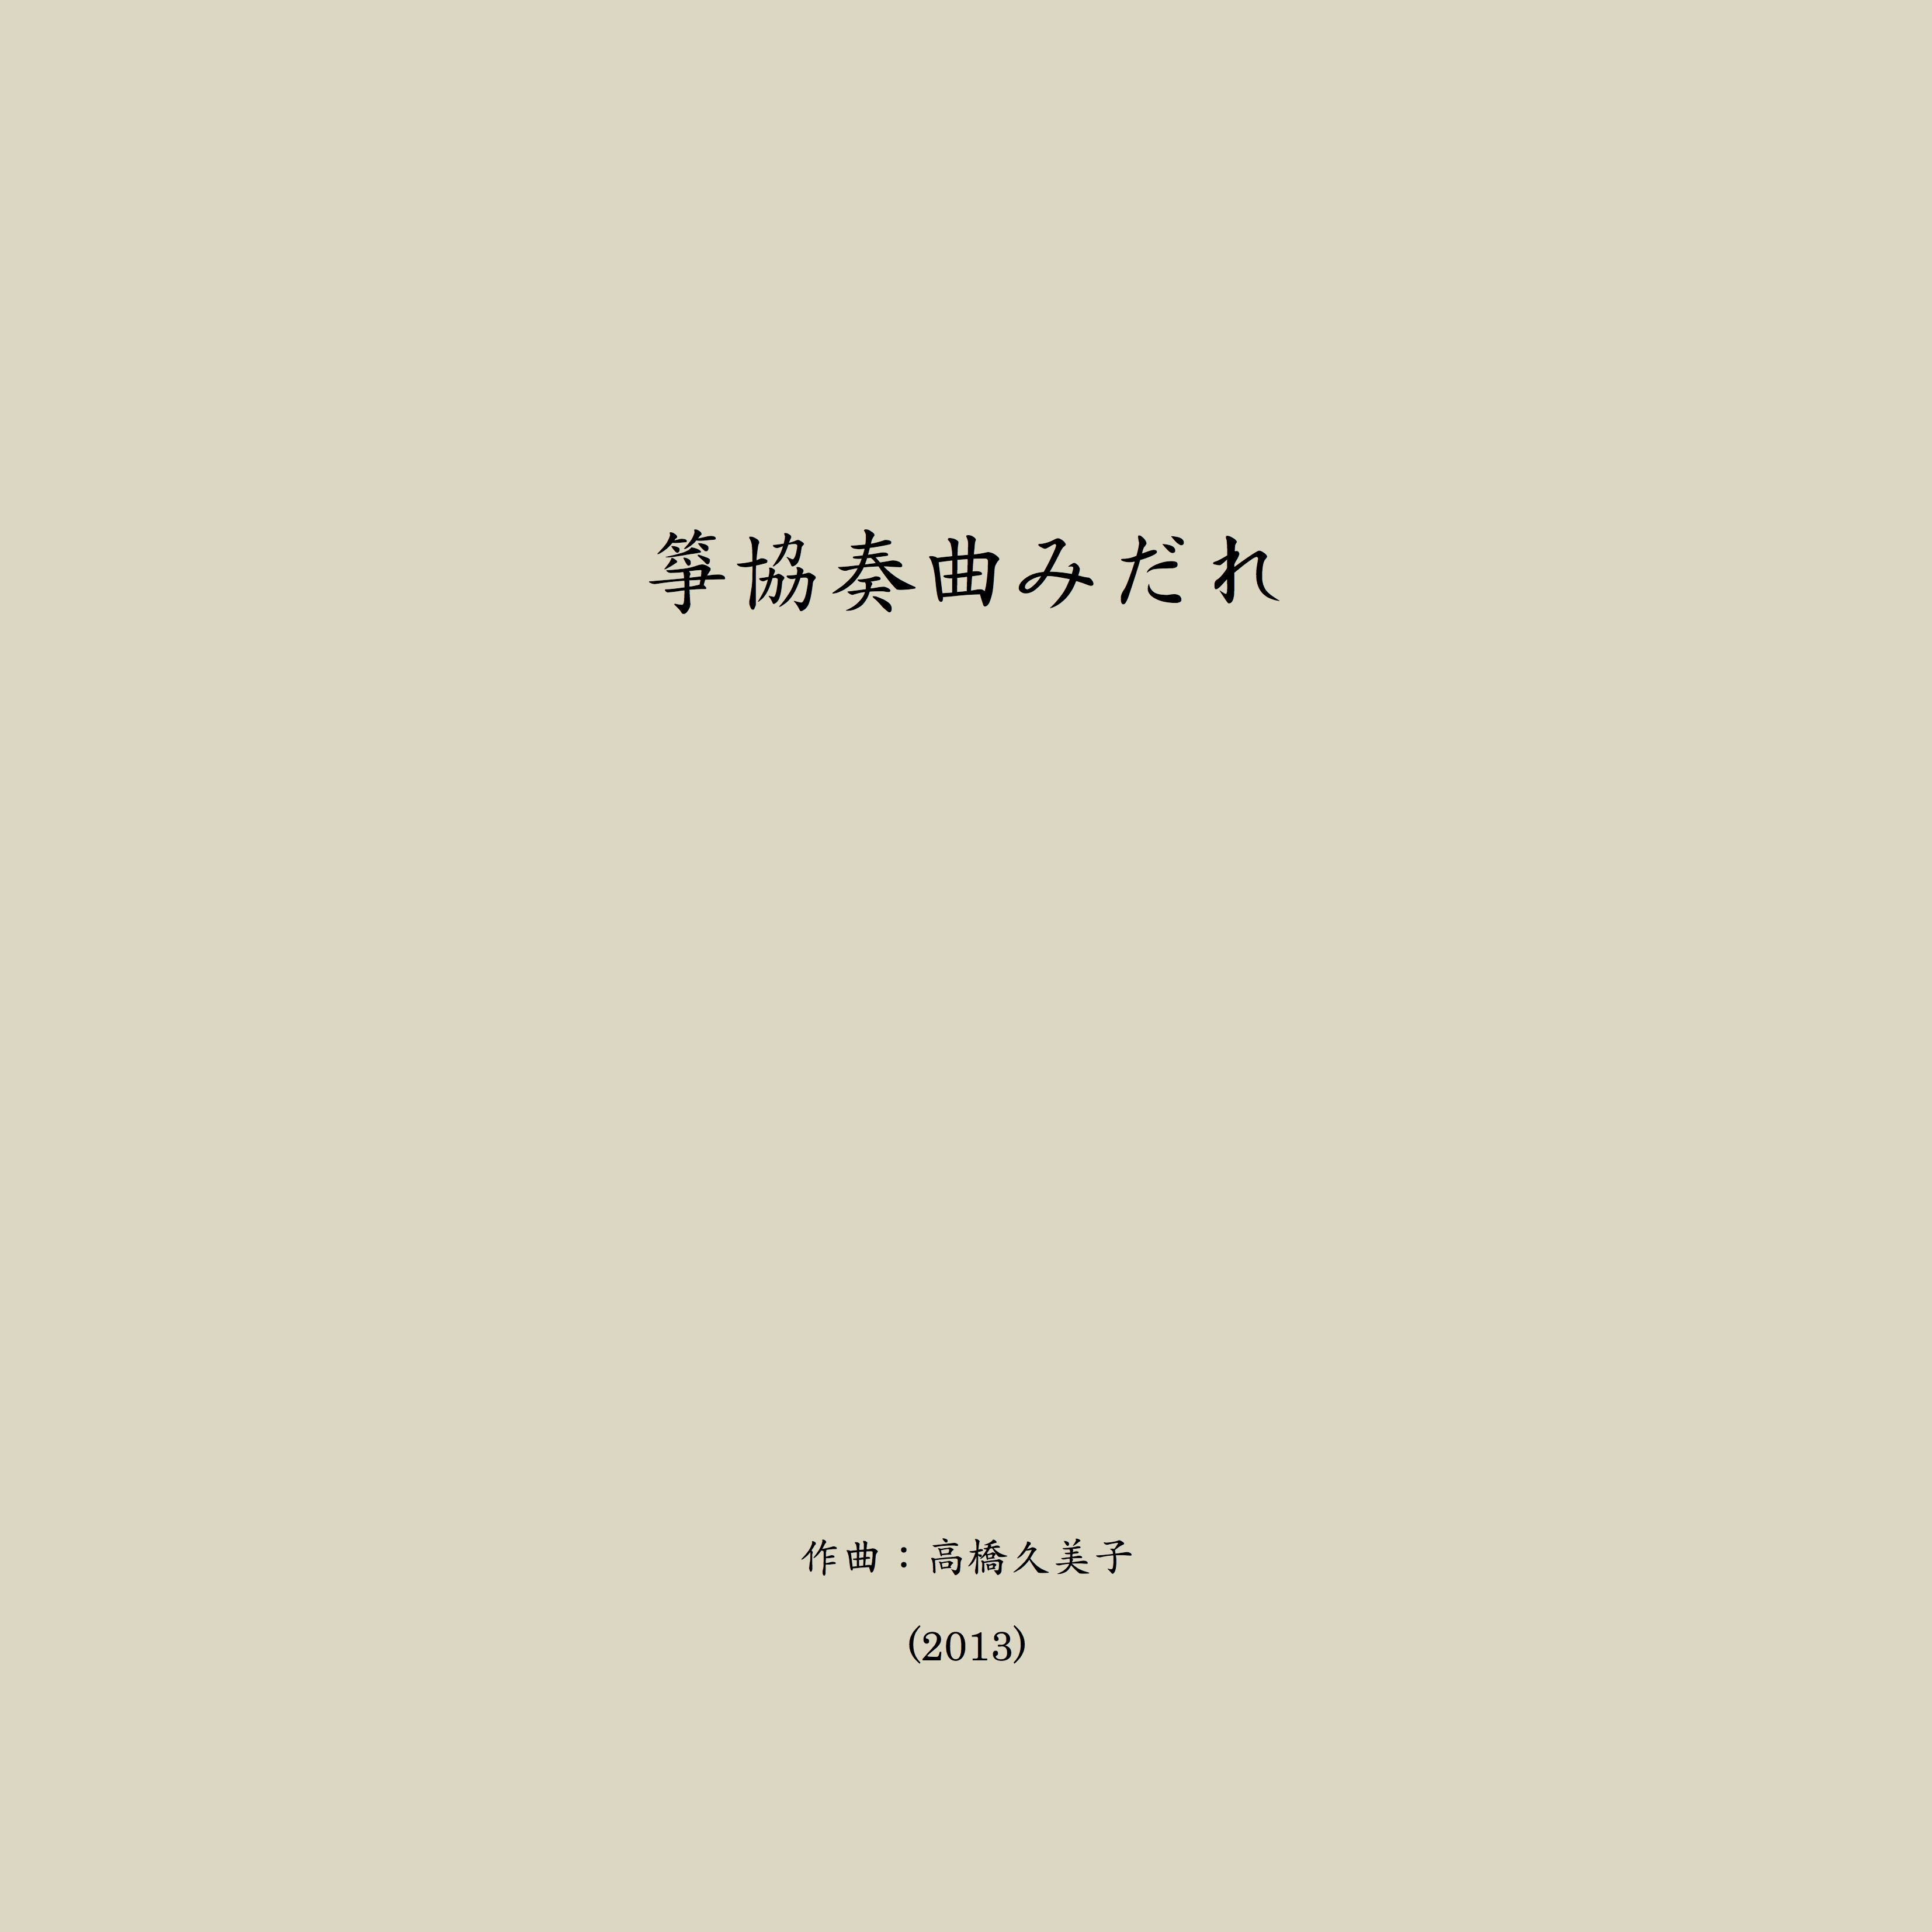 【楽譜】箏協奏曲みだれ(五線譜)A4判